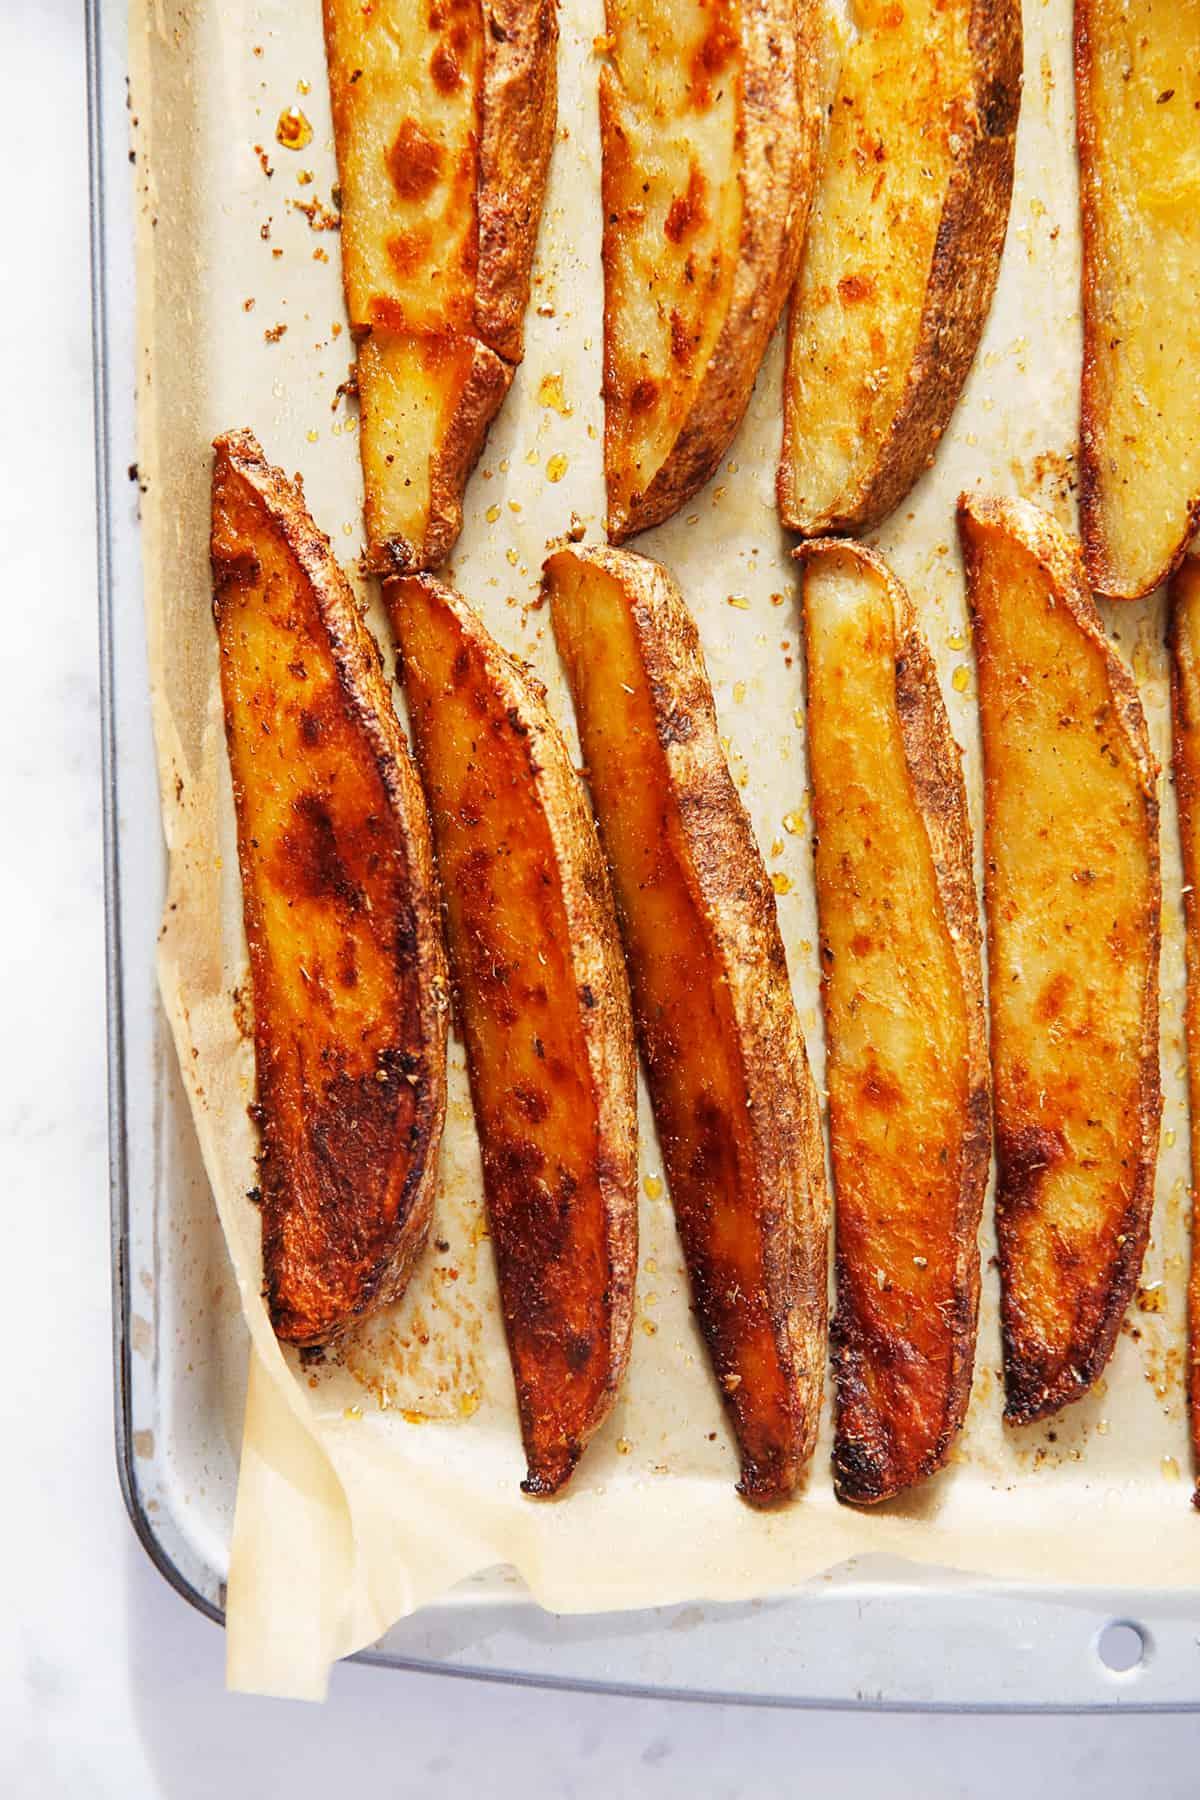 Crispy wedge potatoes on a baking sheet.